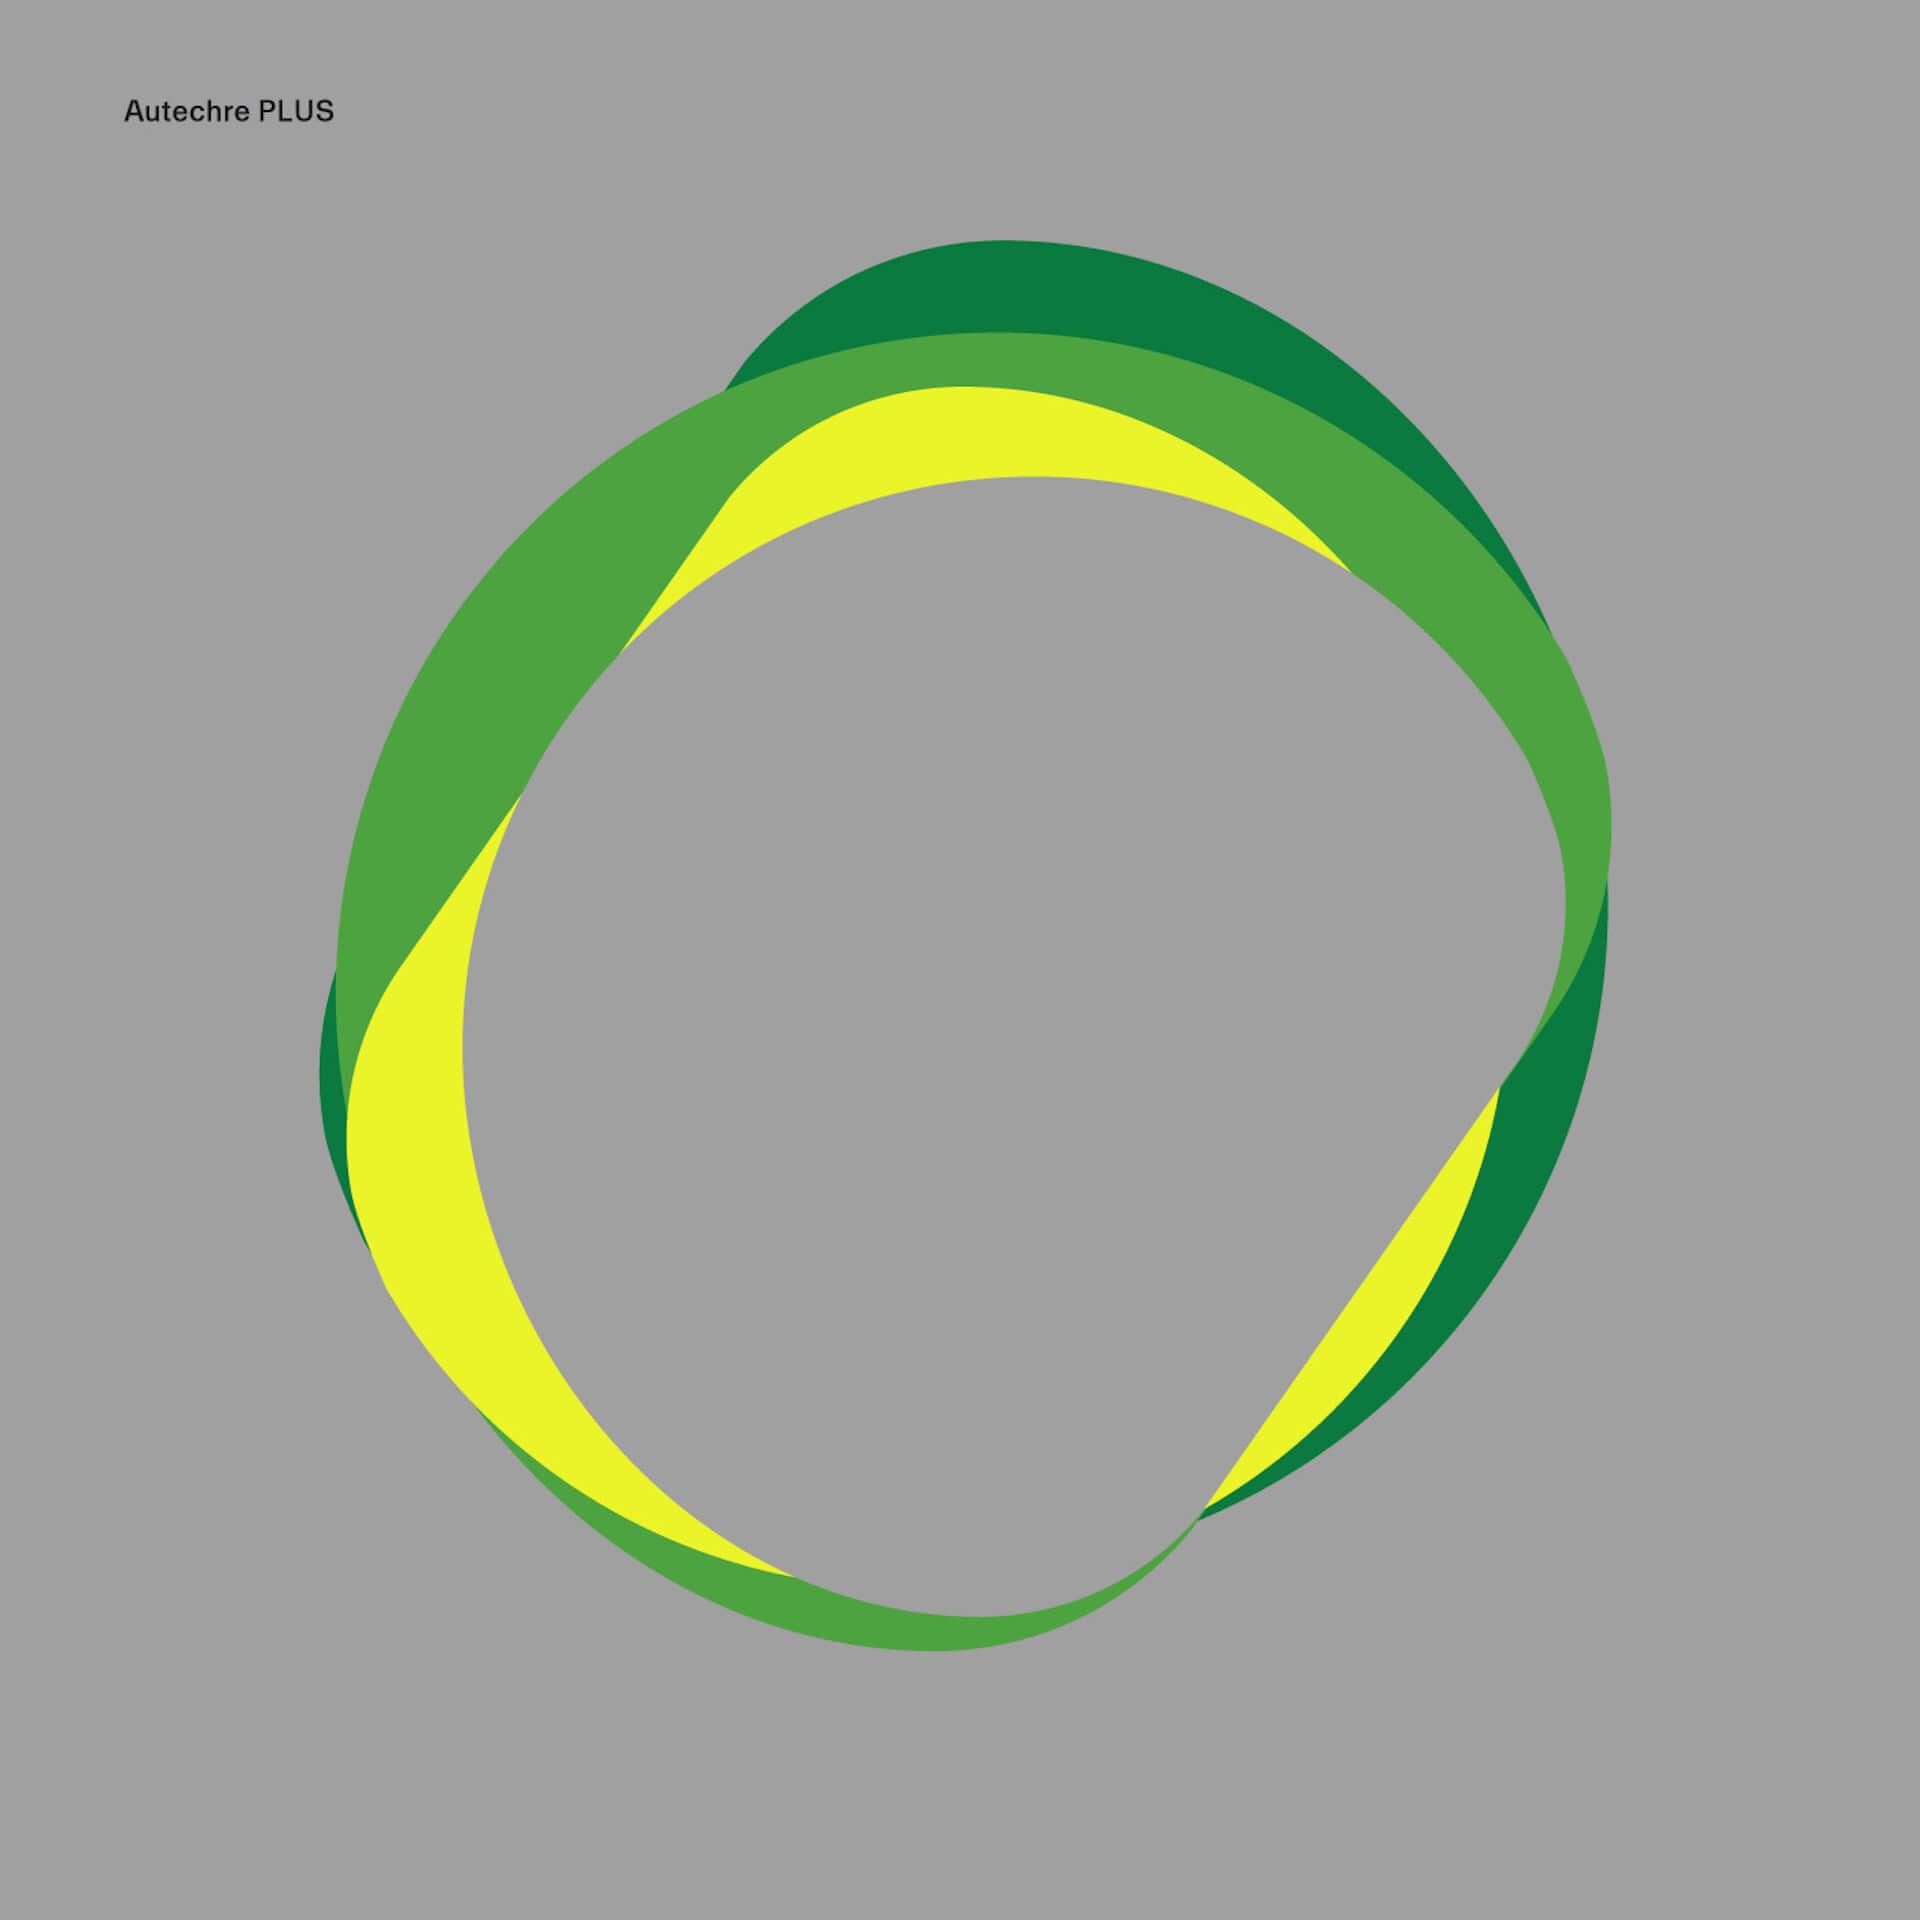 Autechreが『SIGN』に続く新アルバム『PLUS』を突如発表!ロングスリーブTシャツセット、パーカーも発売決定 music201029_autechre_8-1920x1920